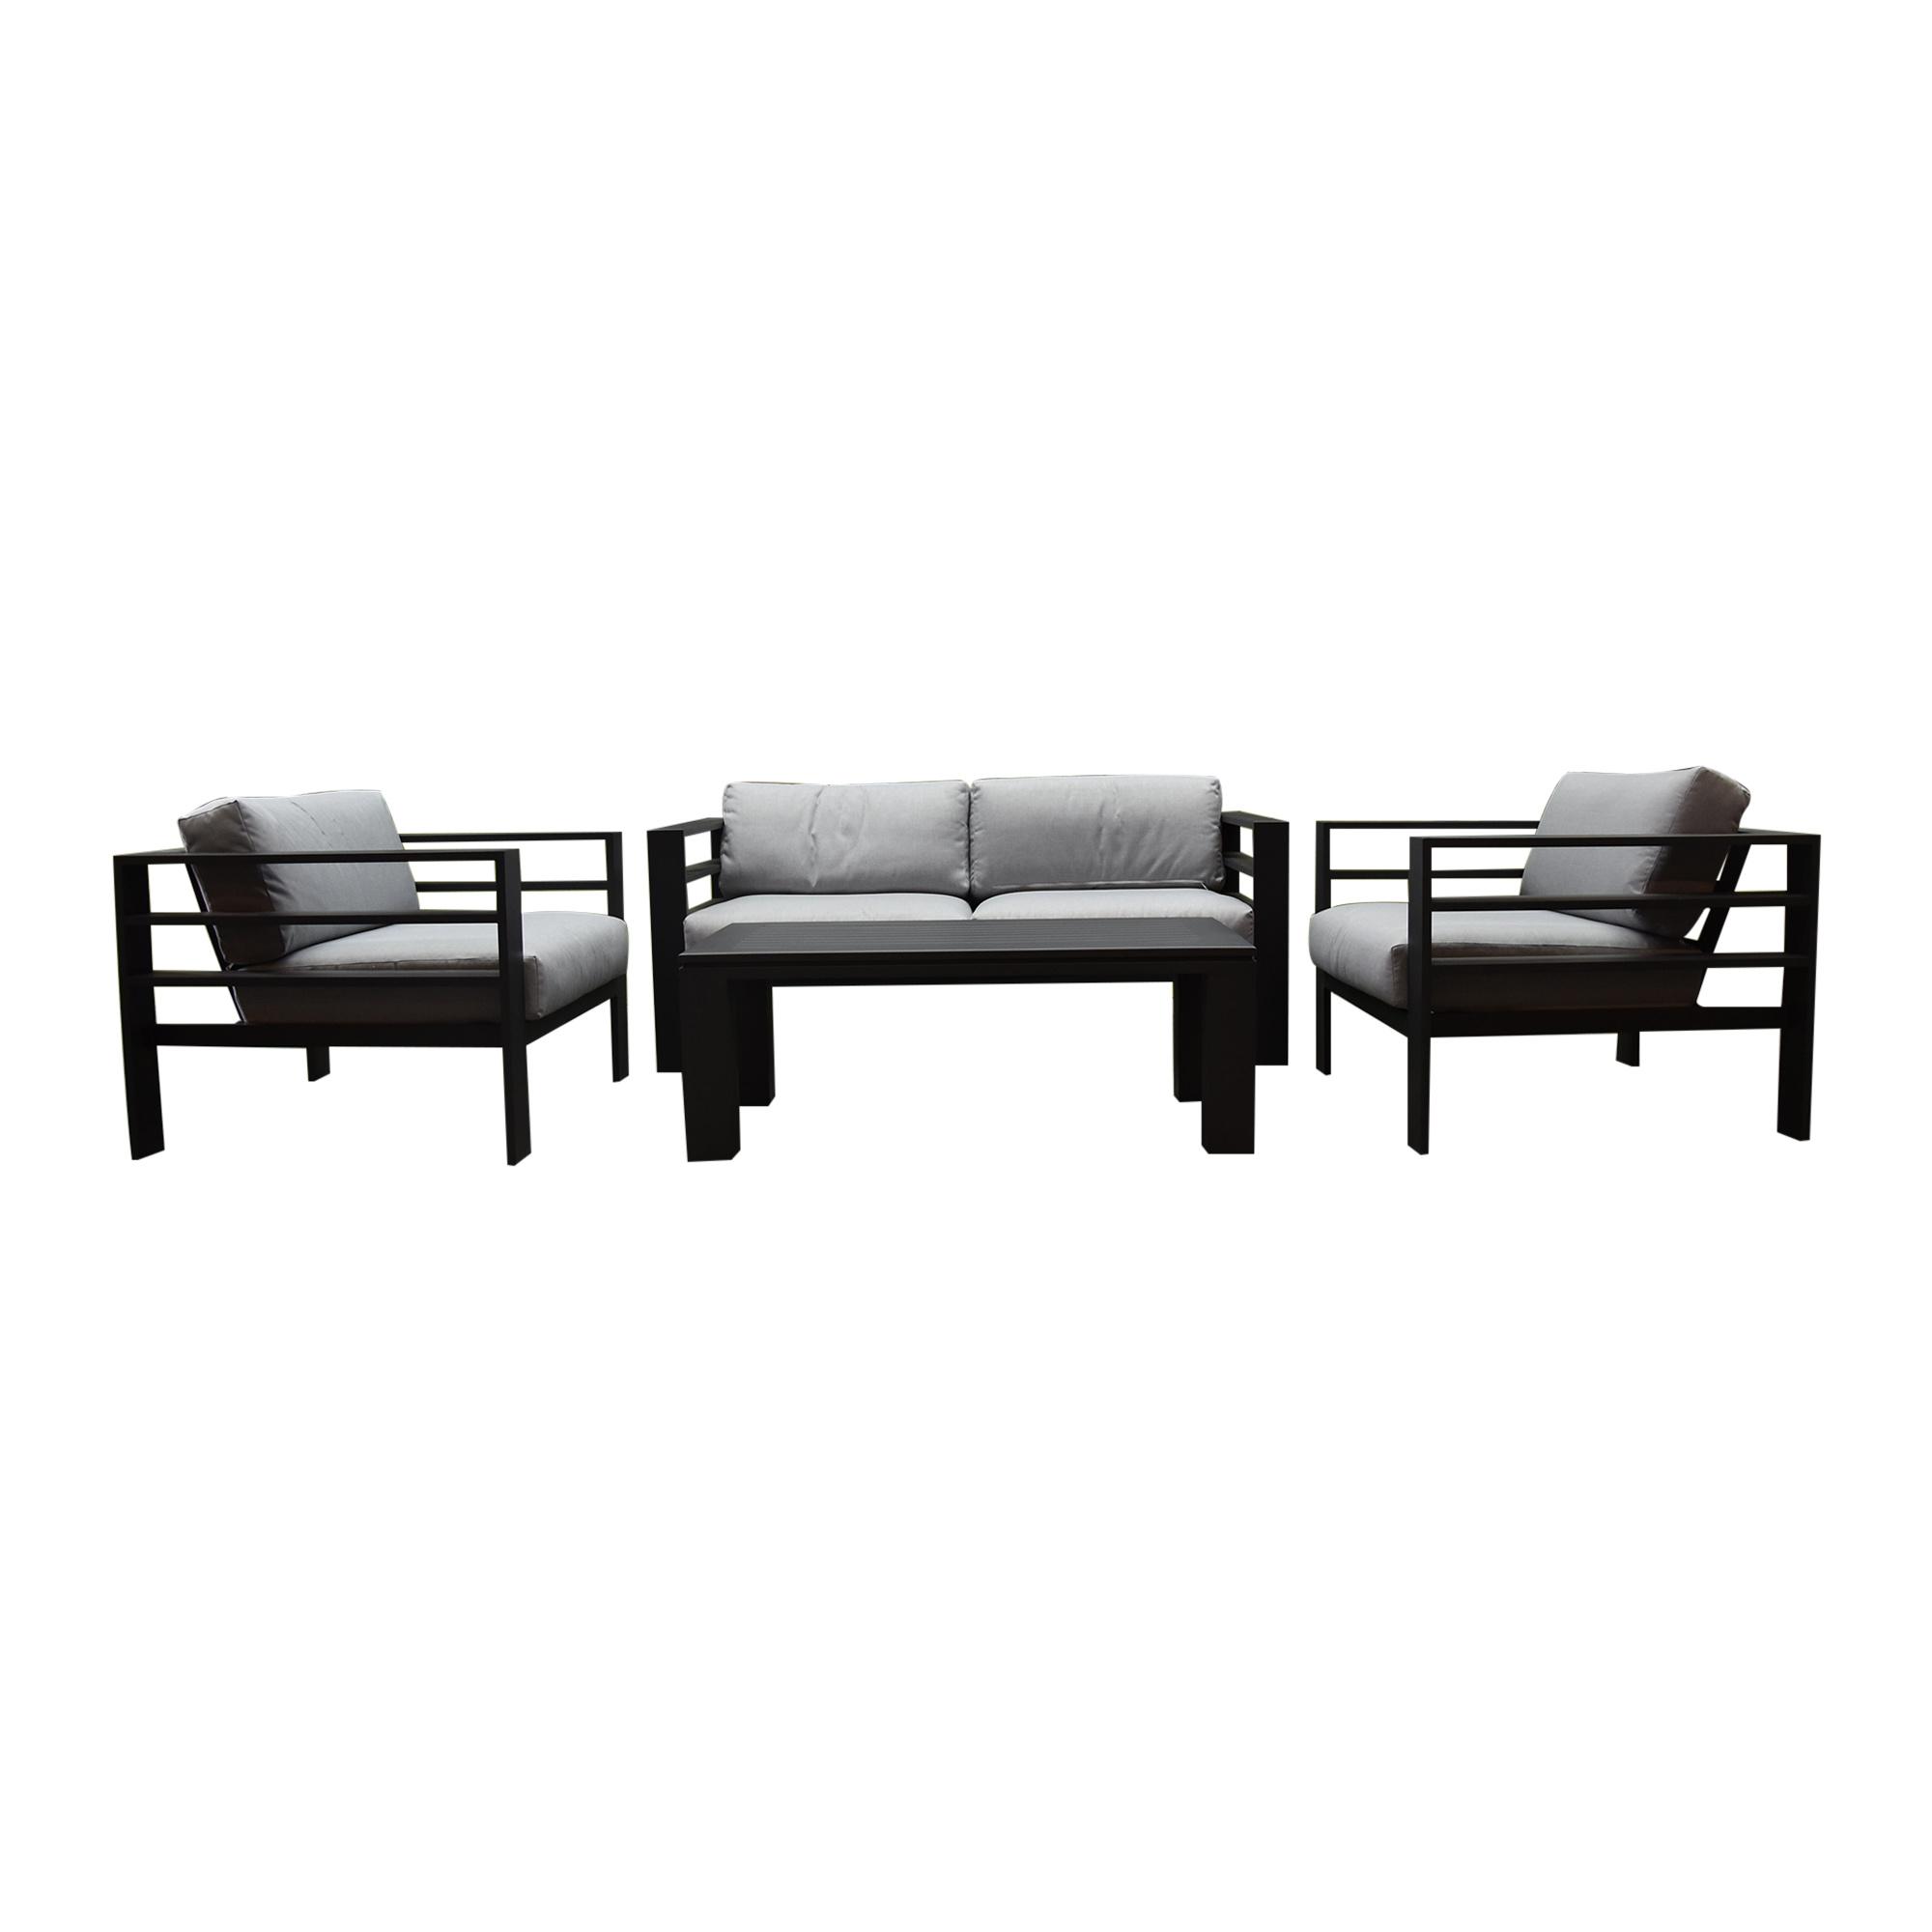 Almeria stoel-bank loungeset 4-delig aluminium antraciet